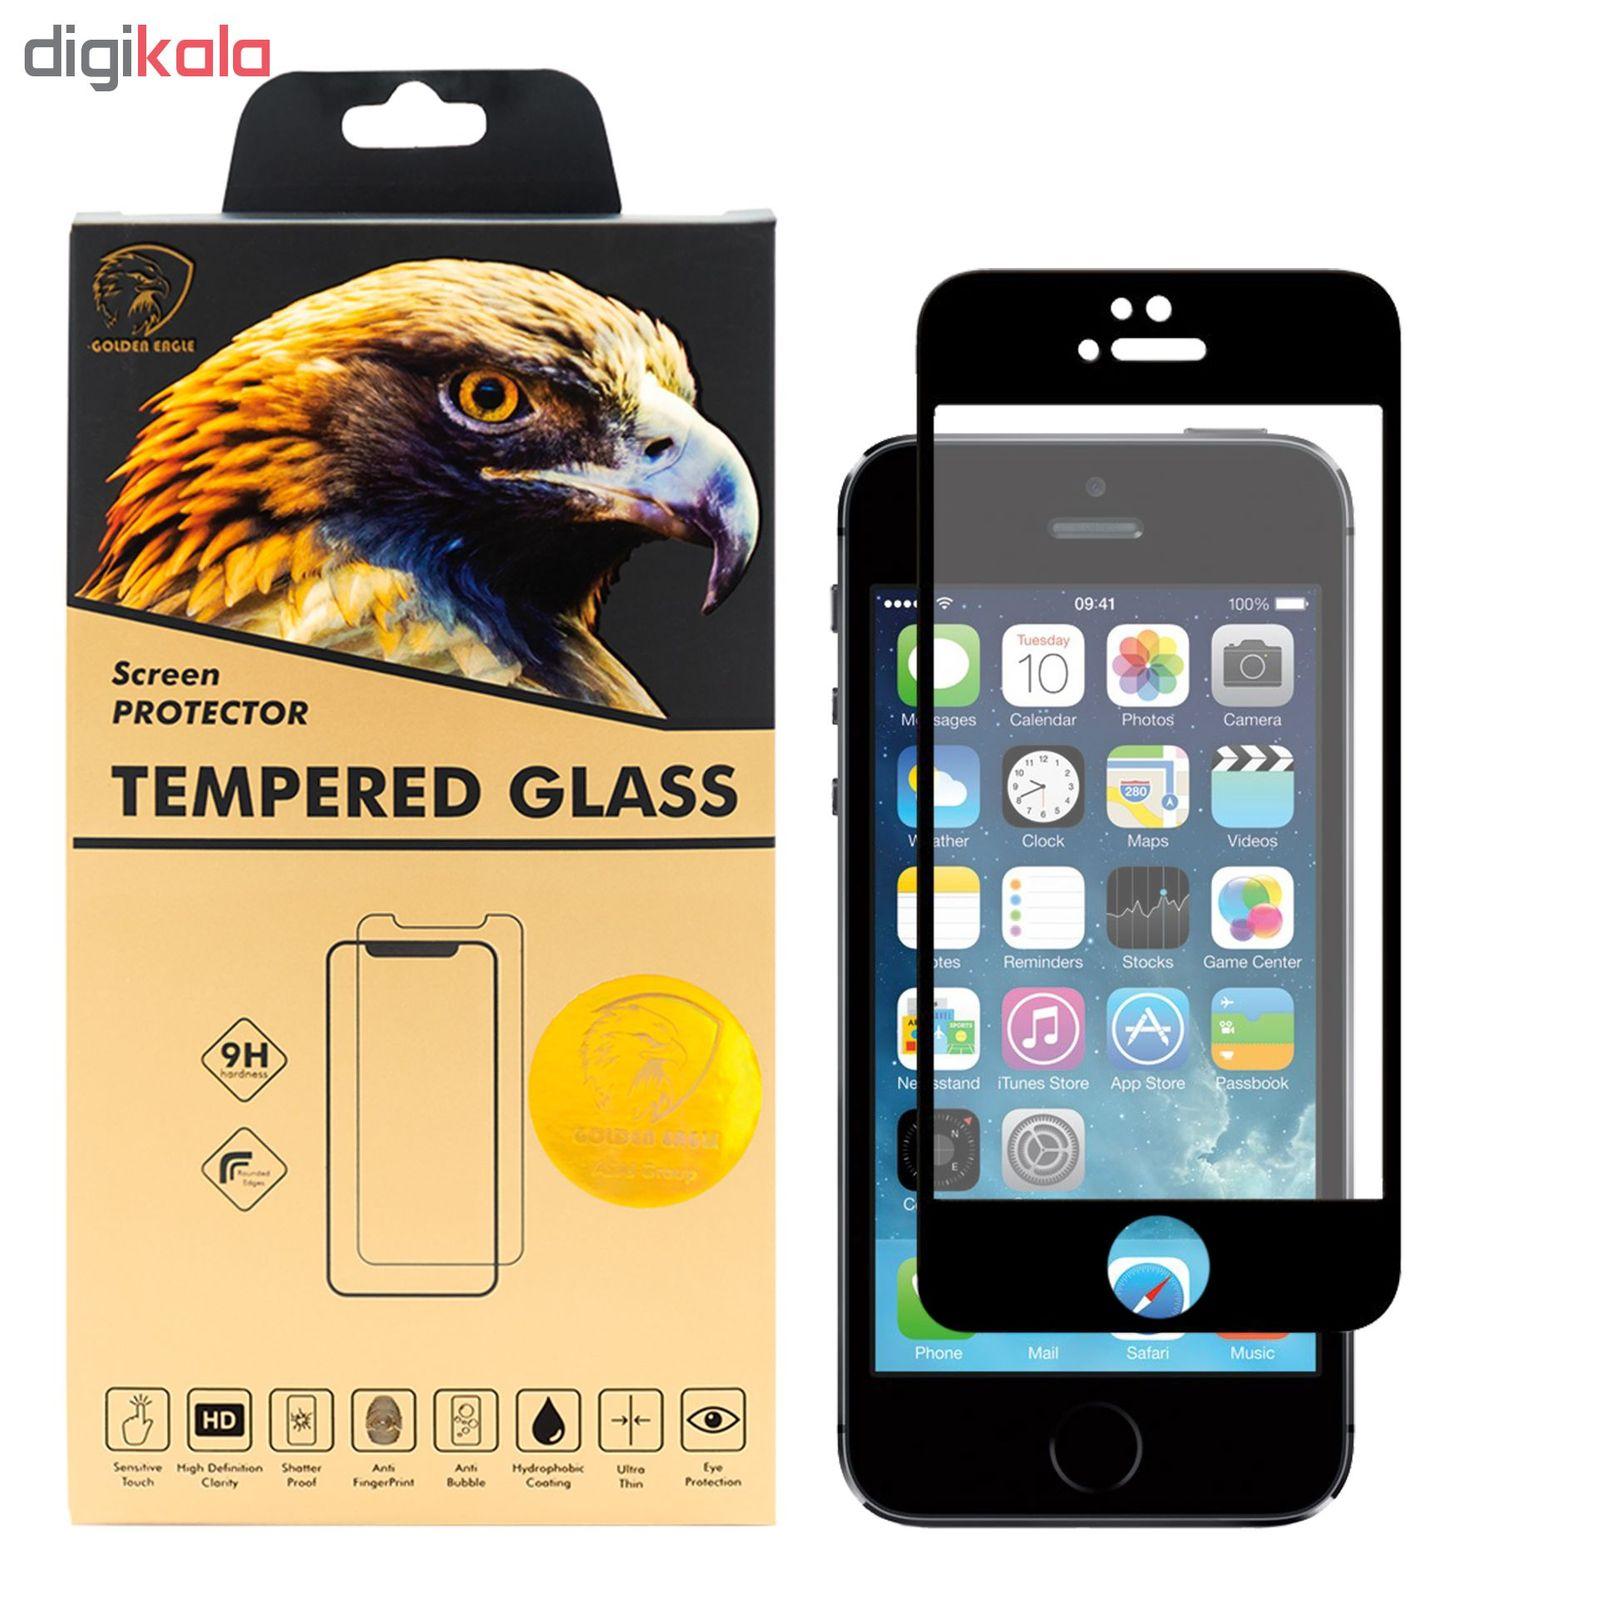 محافظ صفحه نمایش گلدن ایگل مدل DFC-X1 مناسب برای گوشی موبایل اپل iPhone SE main 1 1